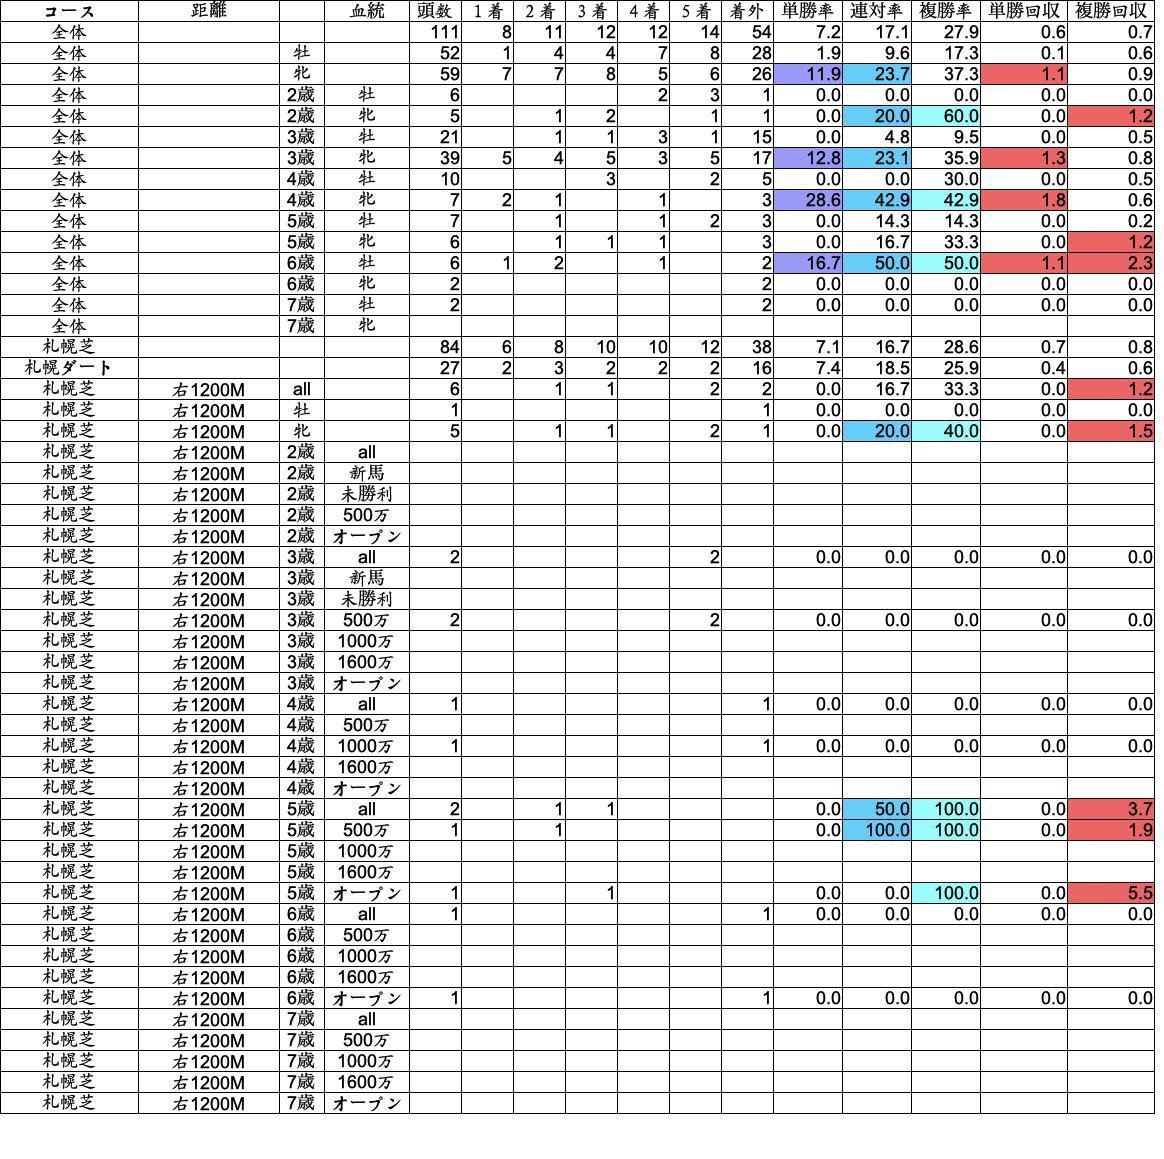 #キーンランドカップ 【15】ペイシャフェリシタ 札幌2年データ。  1枚目、ハーツクライ産駒 2枚目、ティータン騎手 3枚目、高木厩舎  血統データ、少ないながら良績。 騎手データは2016年〜17年の2年データ。 コース実績がない。 厩舎データも今ひとつ。